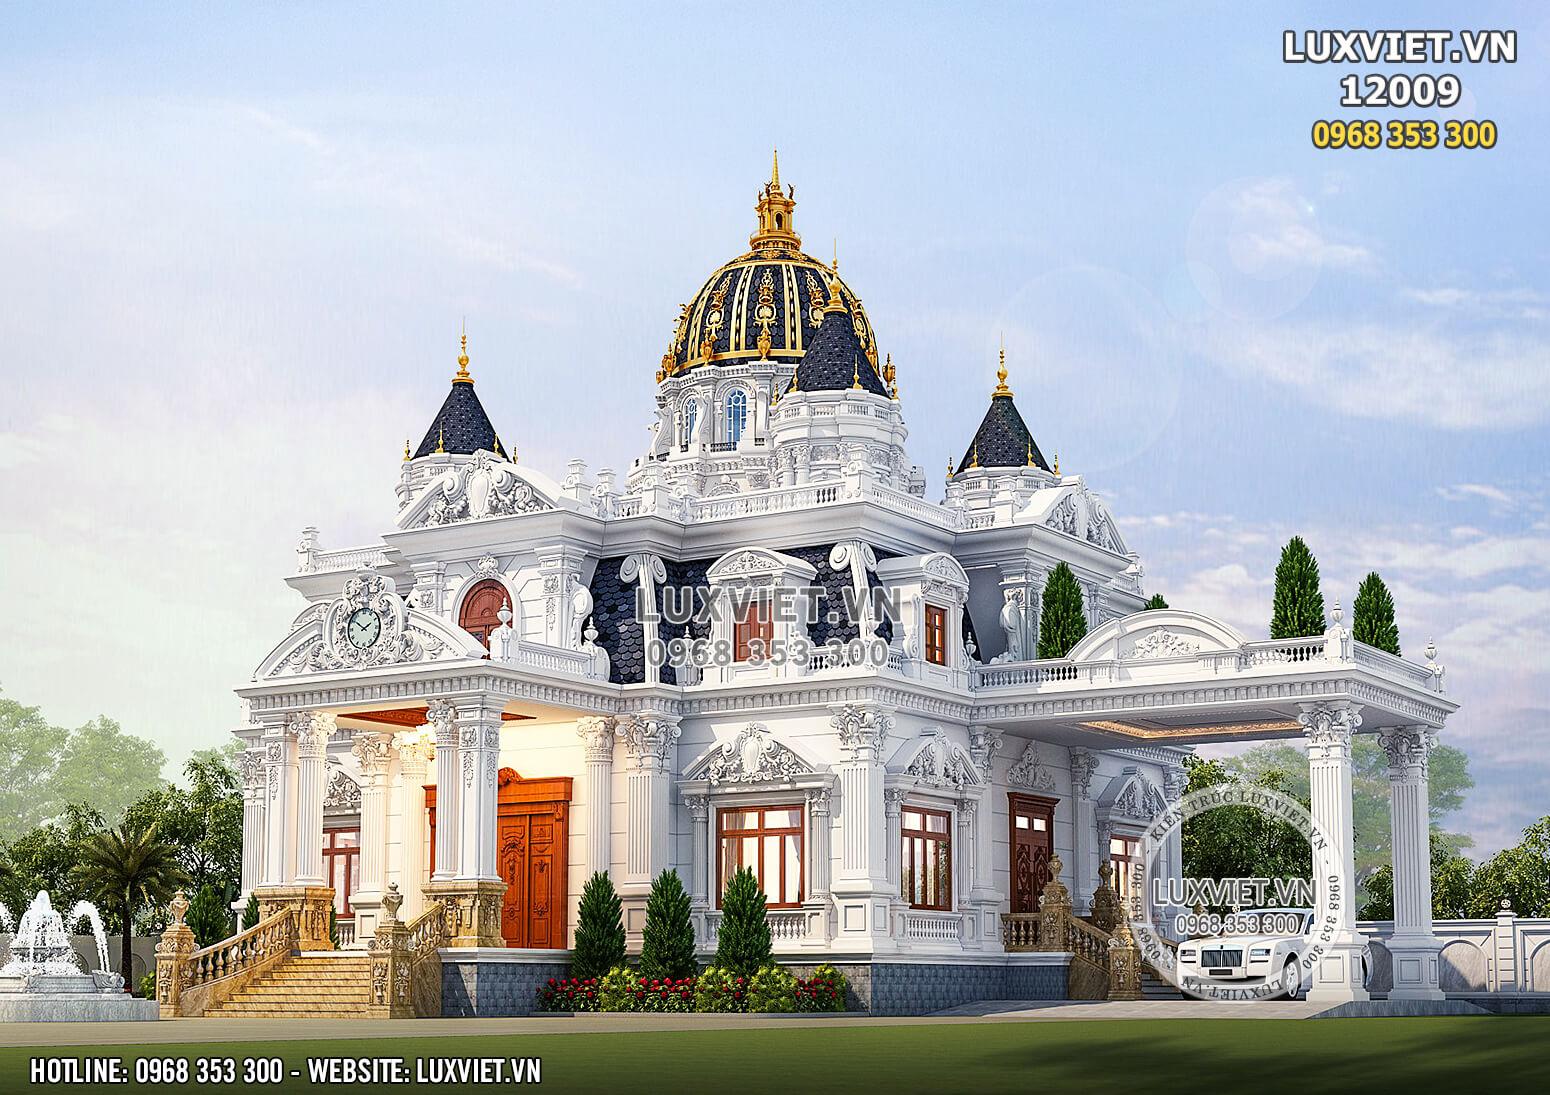 Vẻ đẹp cuốn hút, thu hút mọi ánh nhìn của tòa dinh thự lâu đài kiến trúc tân cổ điển